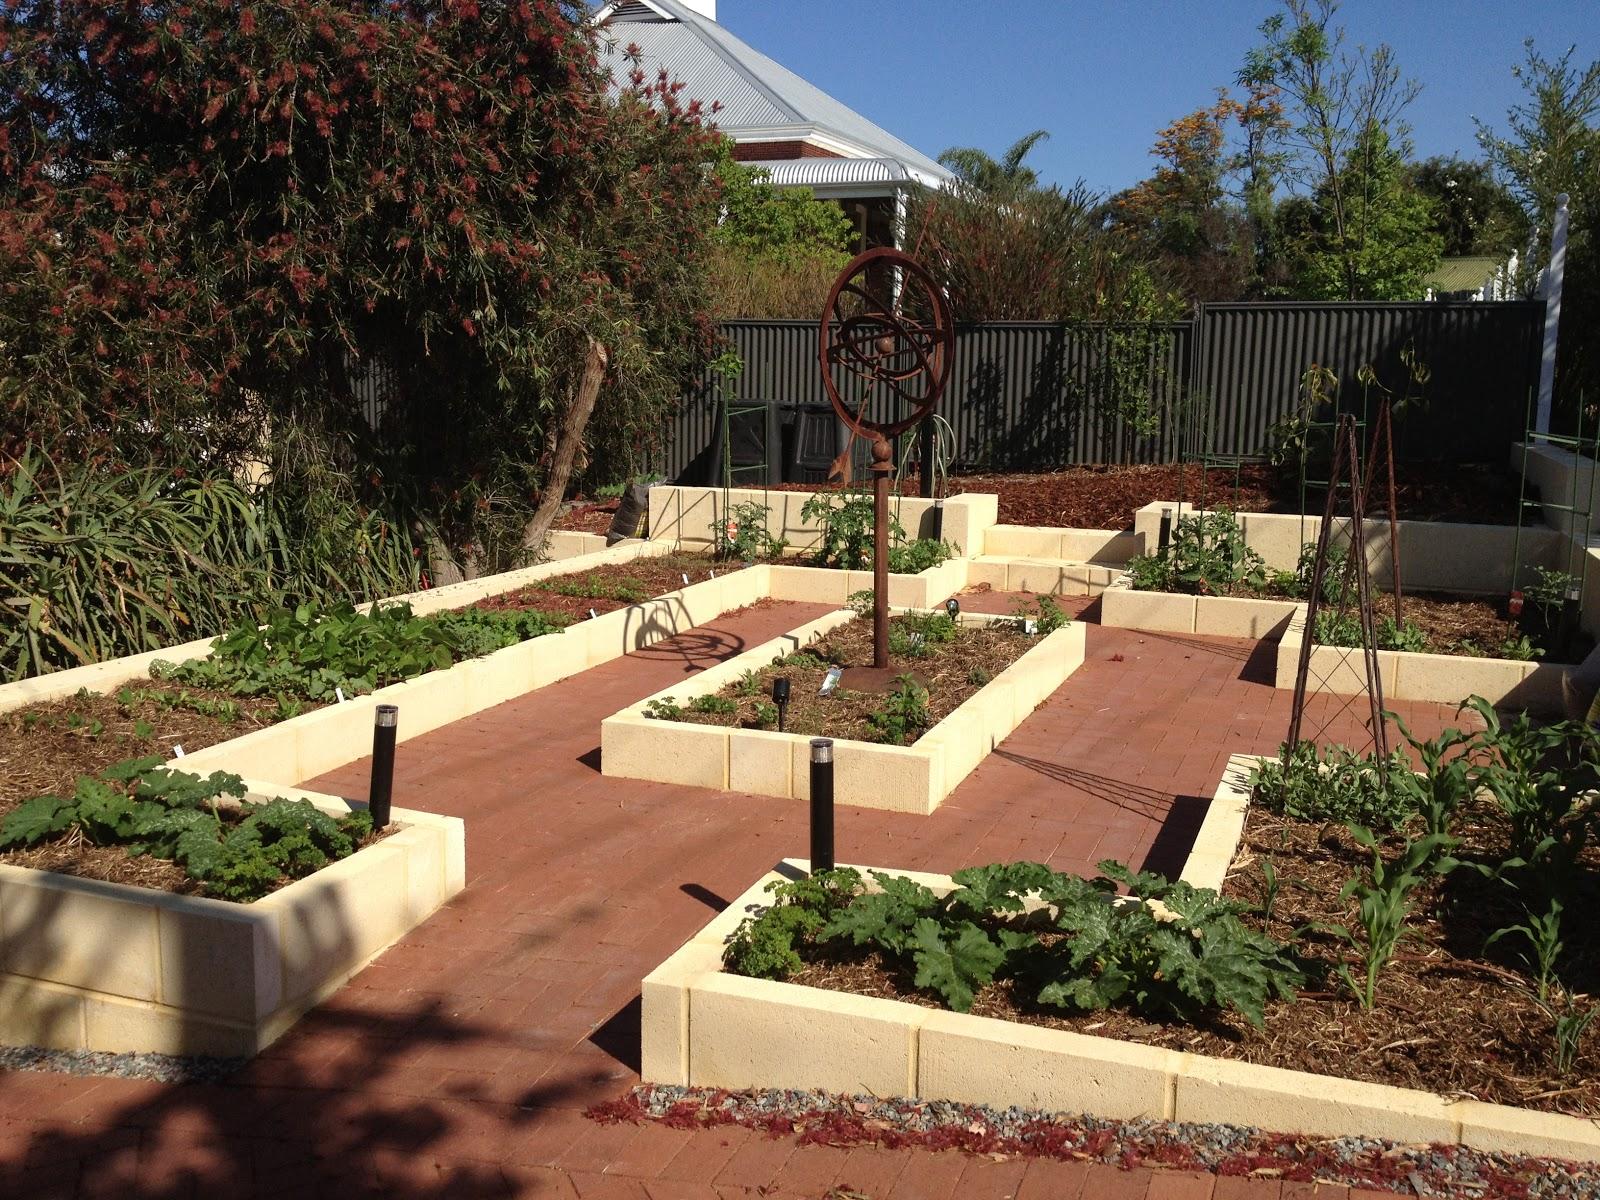 The Garden Beagle: October 2012